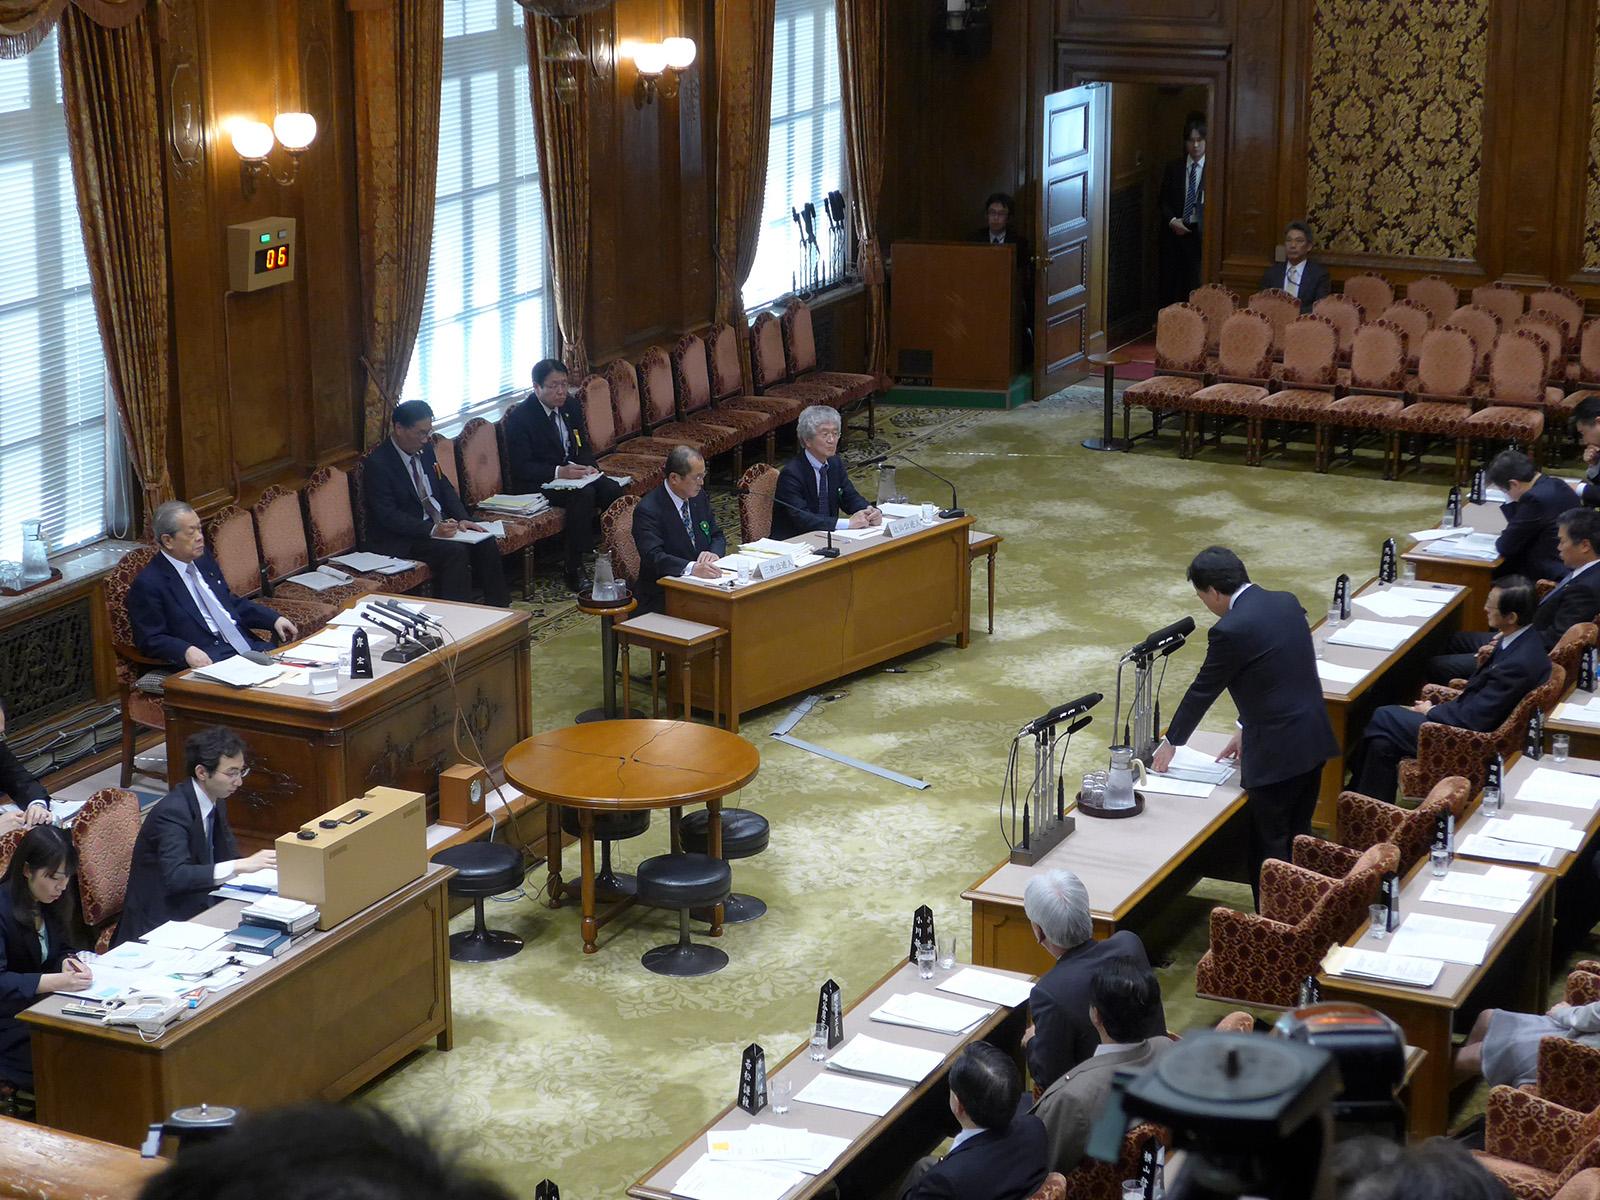 参議院予算委員会公聴会で質問